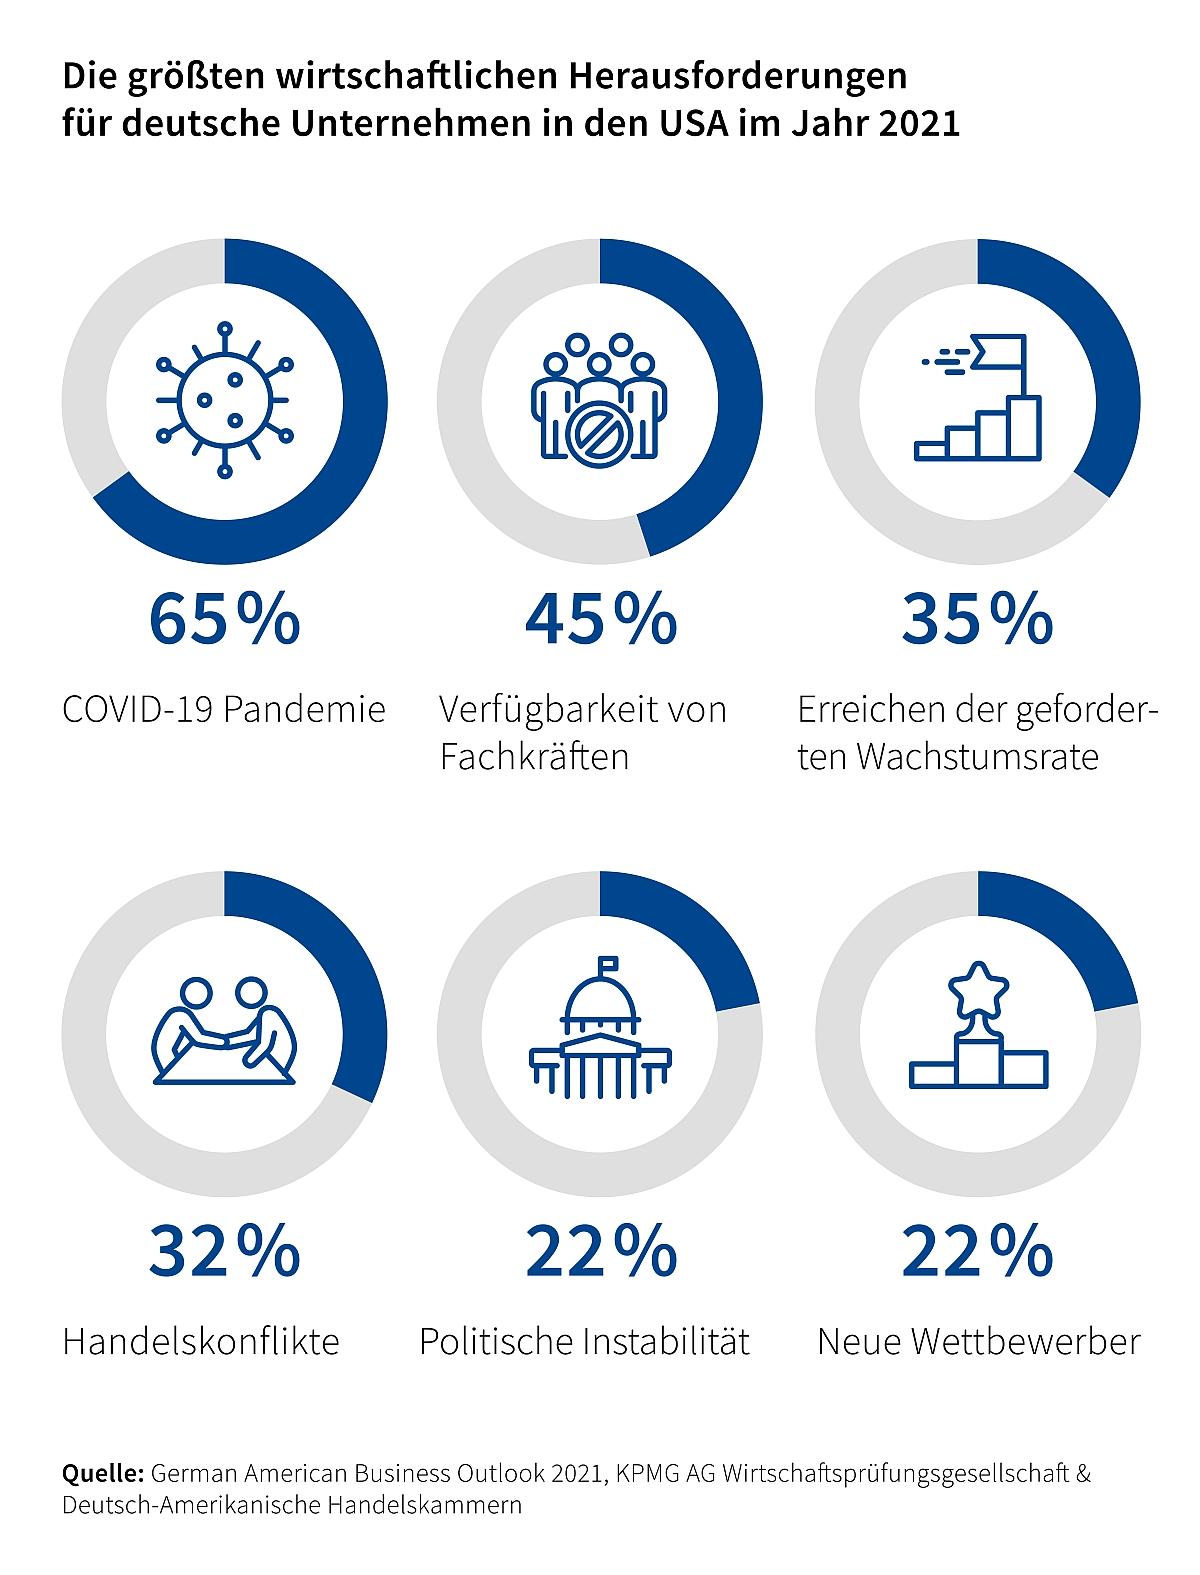 German American Business Outlook 2021